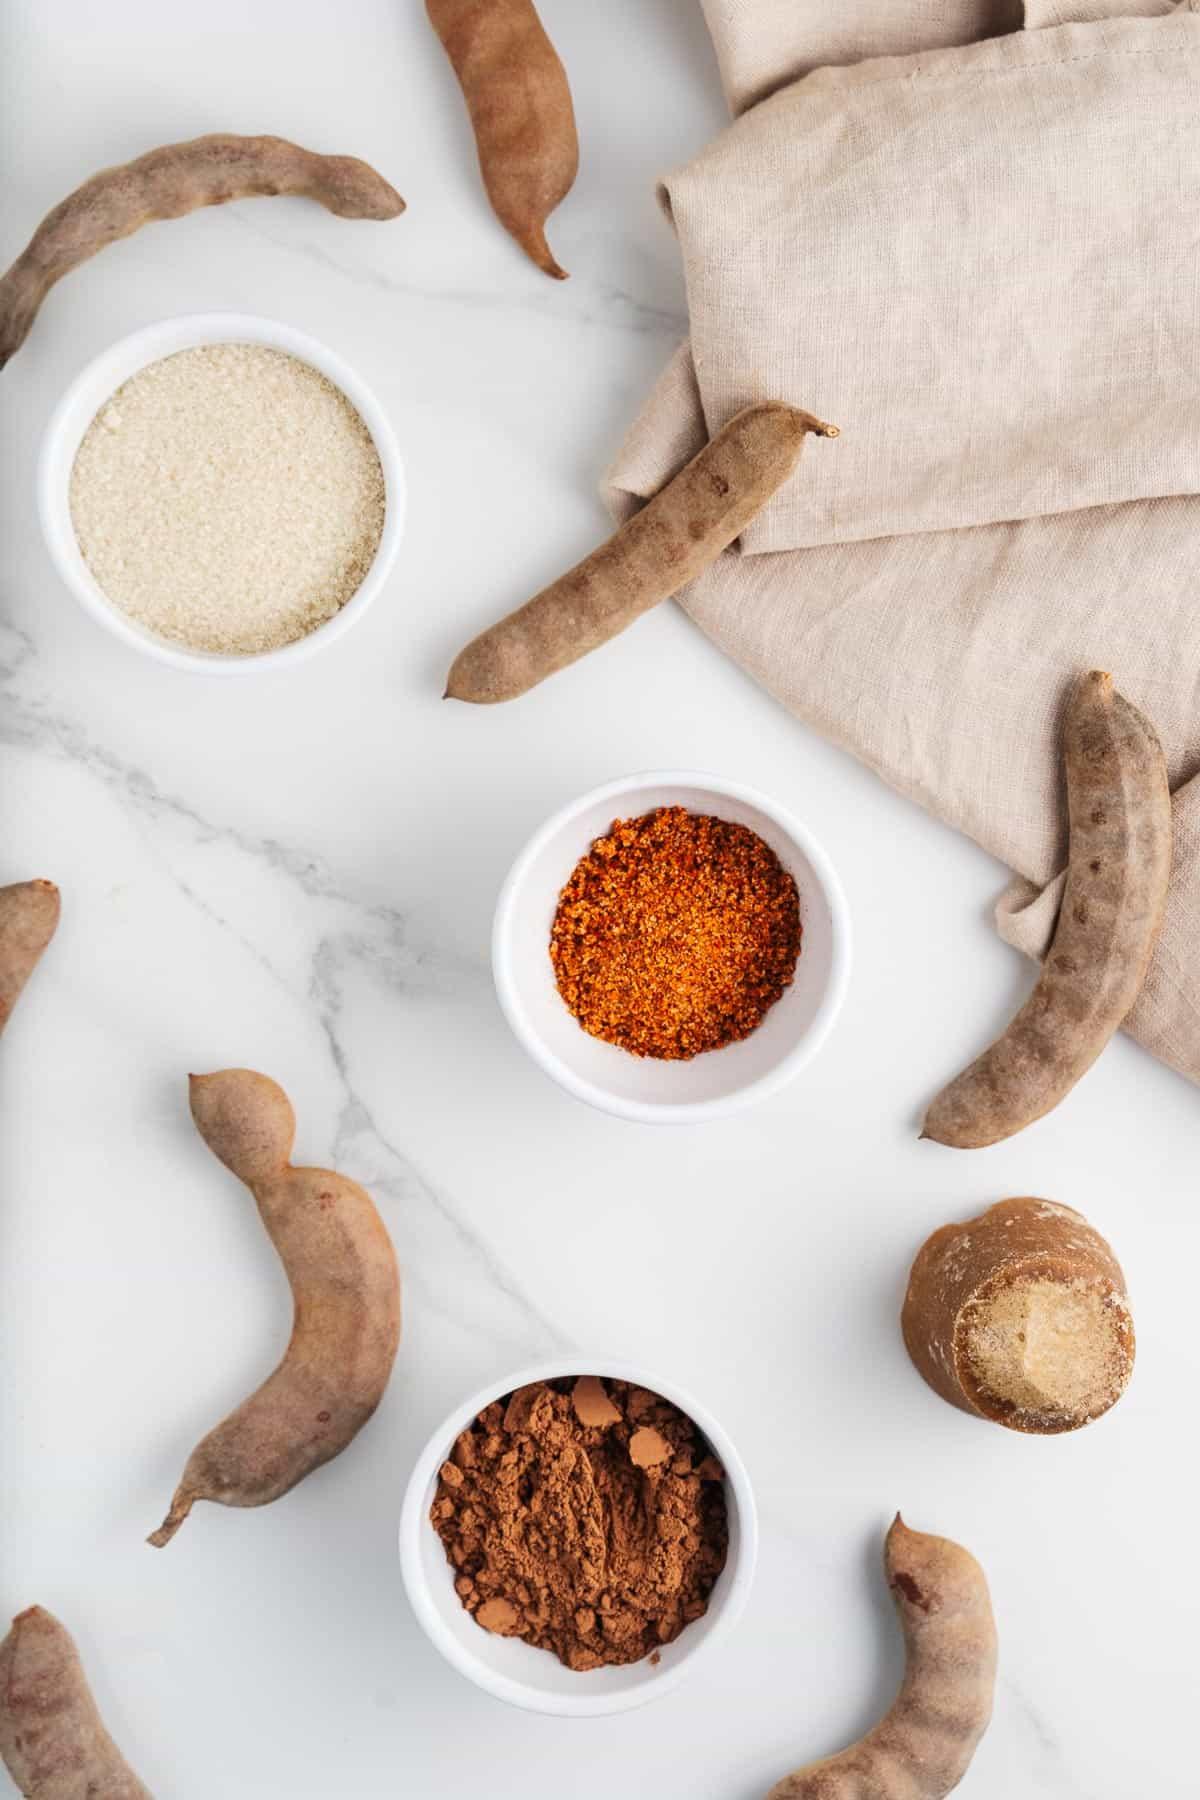 Tamarind Pods, Piloncillo, Cane Sugar, Cacao Powder, and Tajin